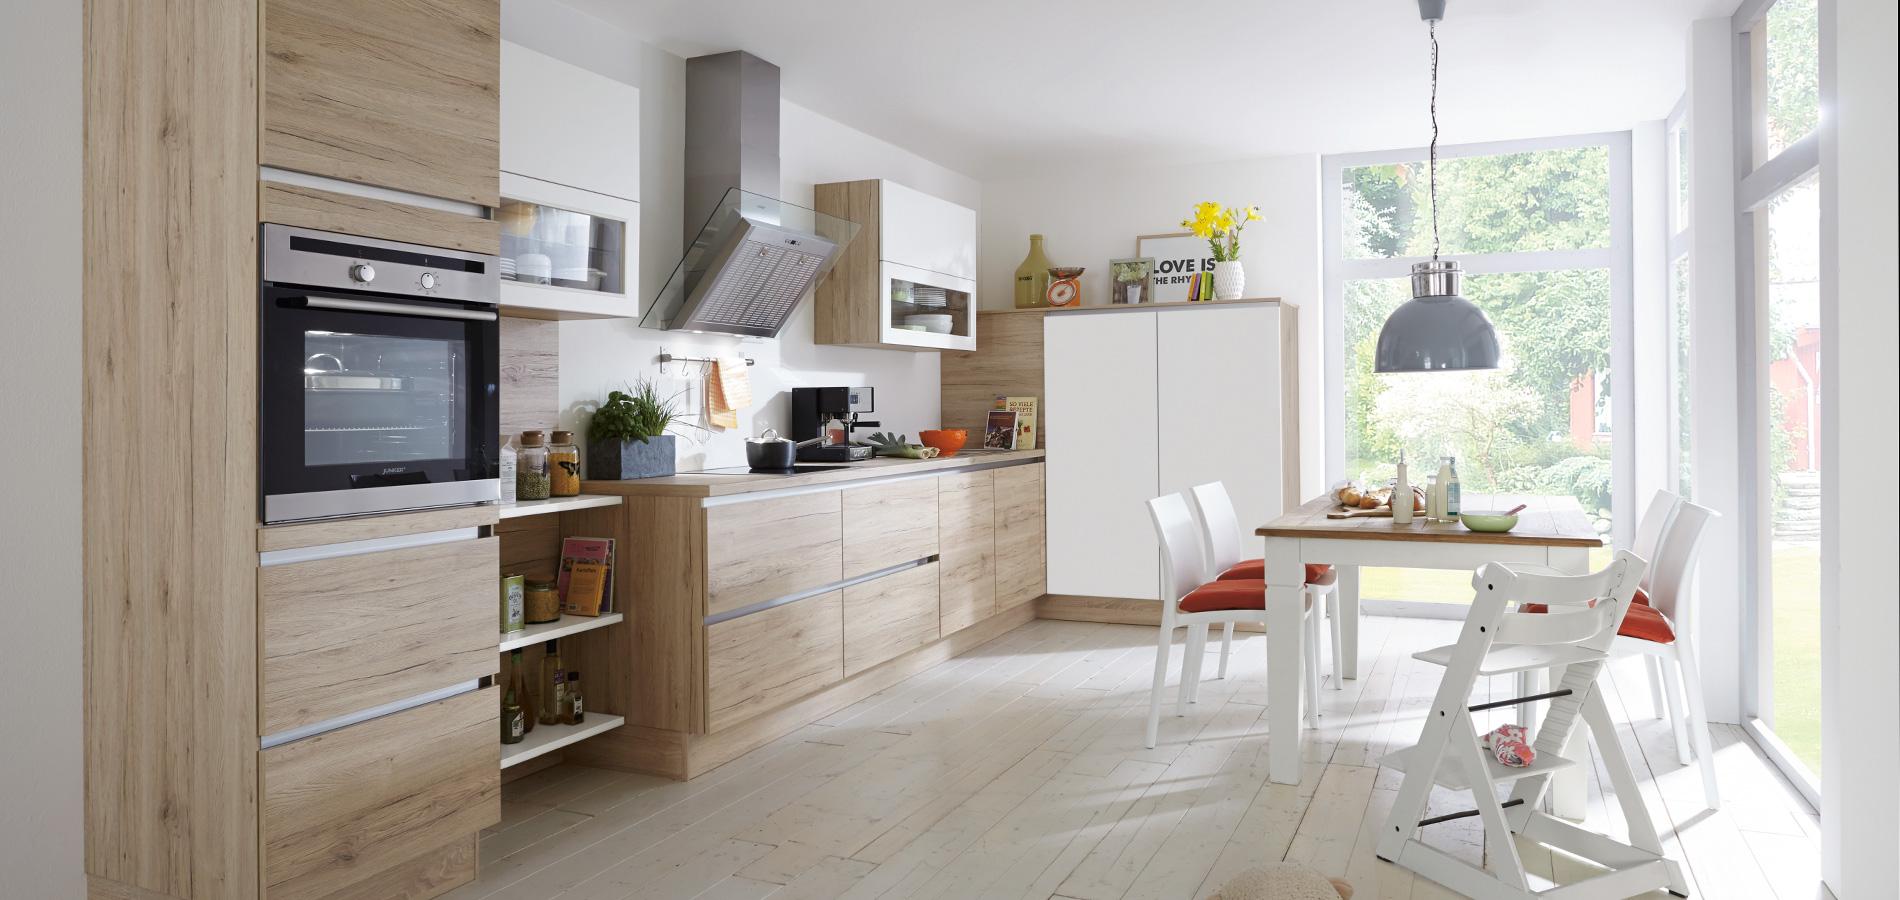 Prix Cuisine Aménagée Ikea comment aménager une cuisine en longueur ? - madame figaro